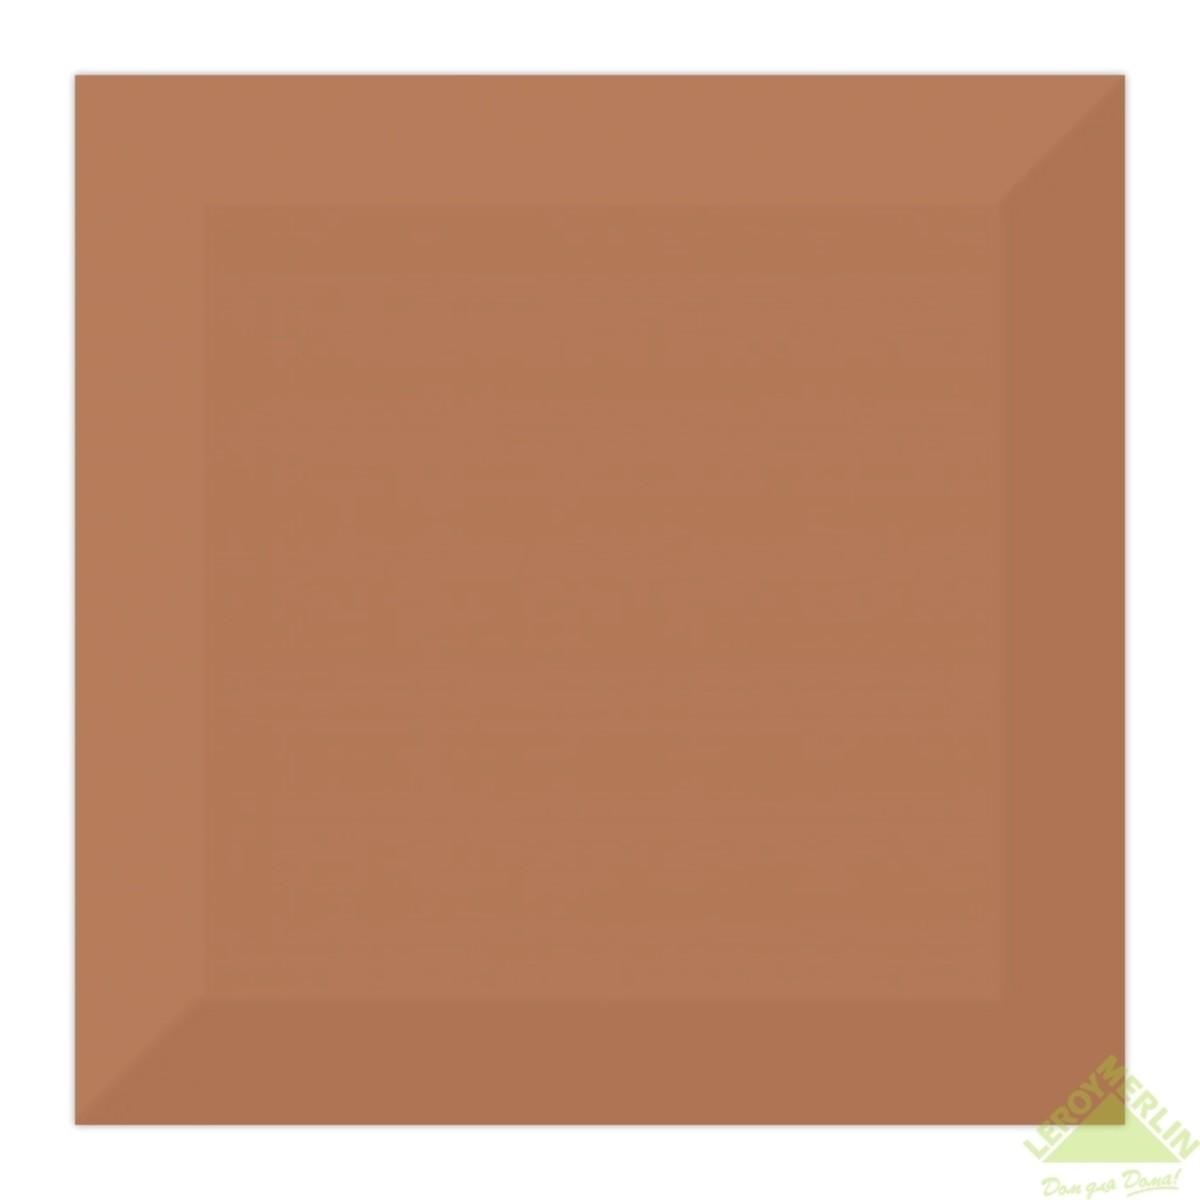 Плитка настенная Порто цвет коричневый 15x15 см 1035 м2